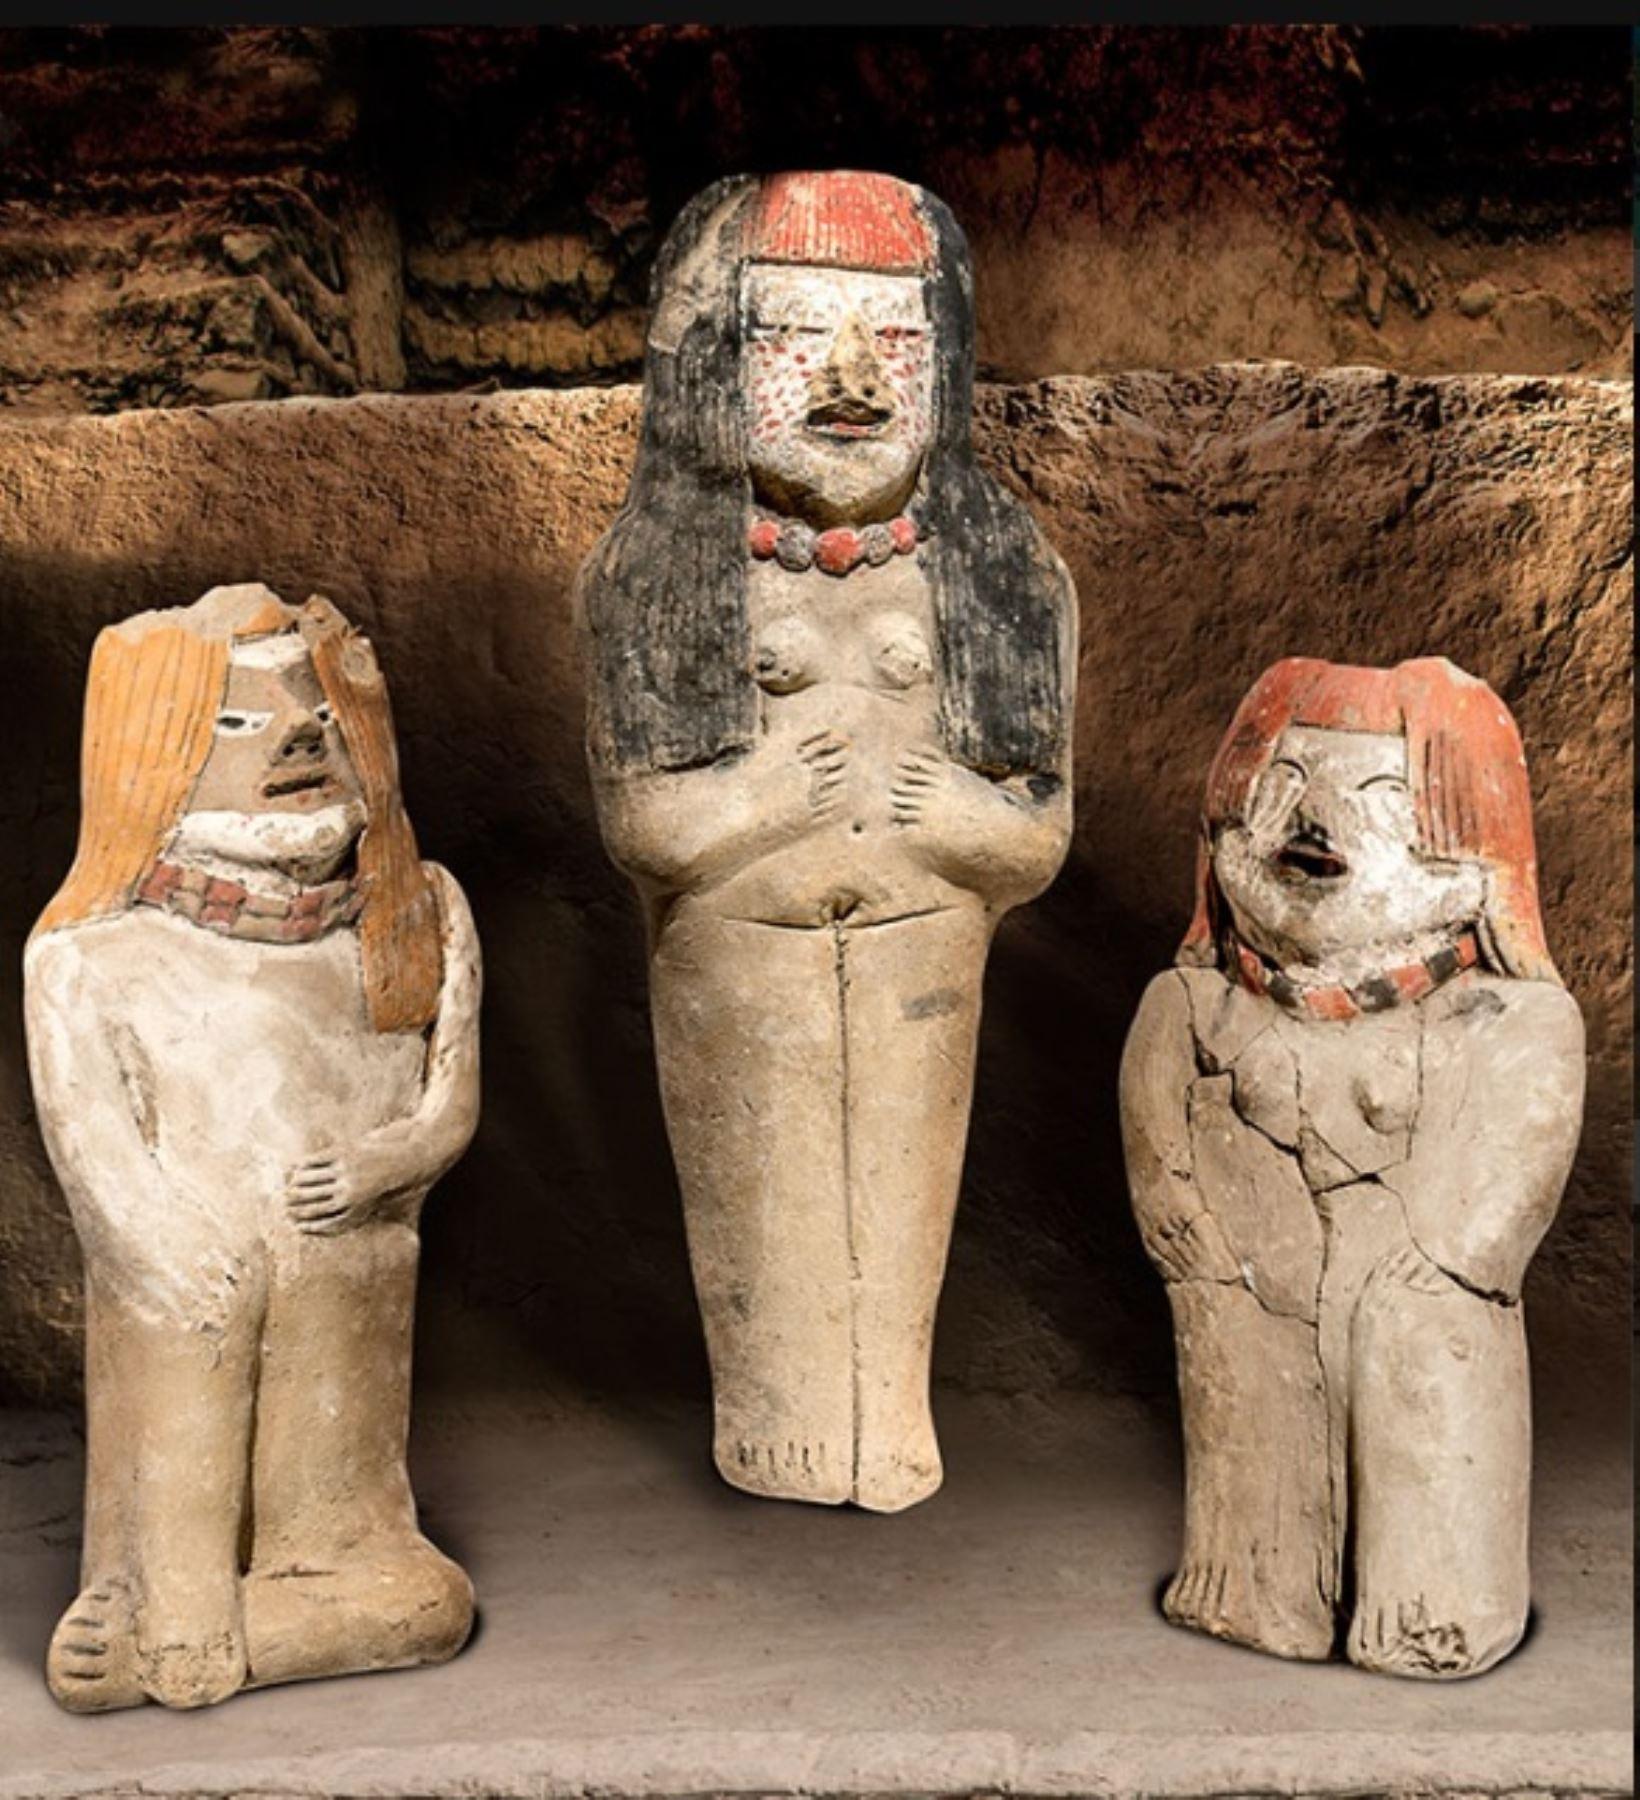 Estatuillas antropomorfas de alto status, halladas como ofrendas en el Edificio Las Hornacinas de Vichama, sociedad agropesquera de Végueta-Huacho.